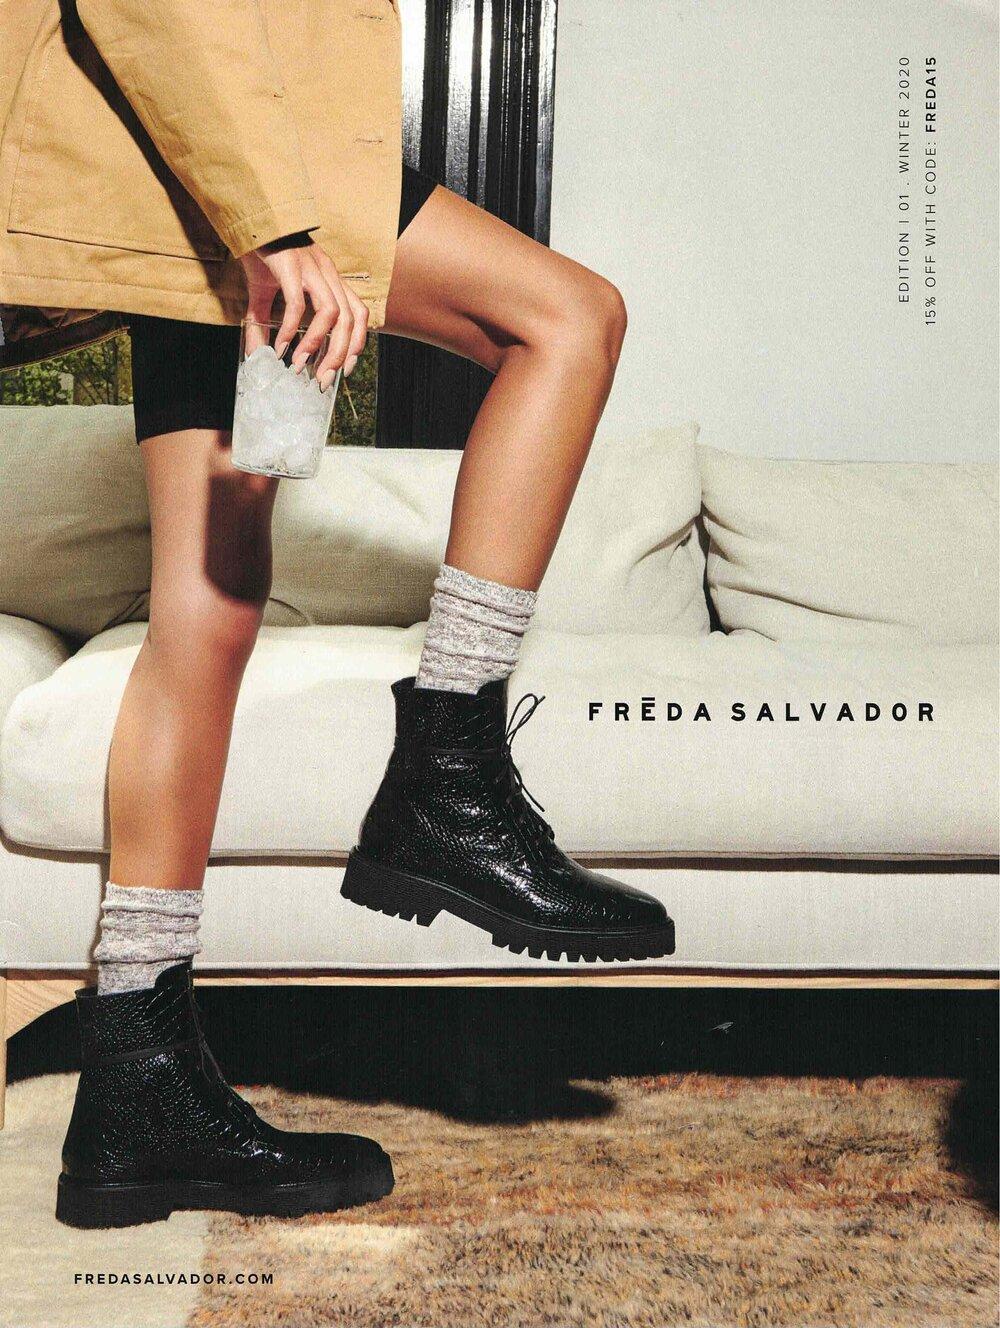 Freda Salvador catalog